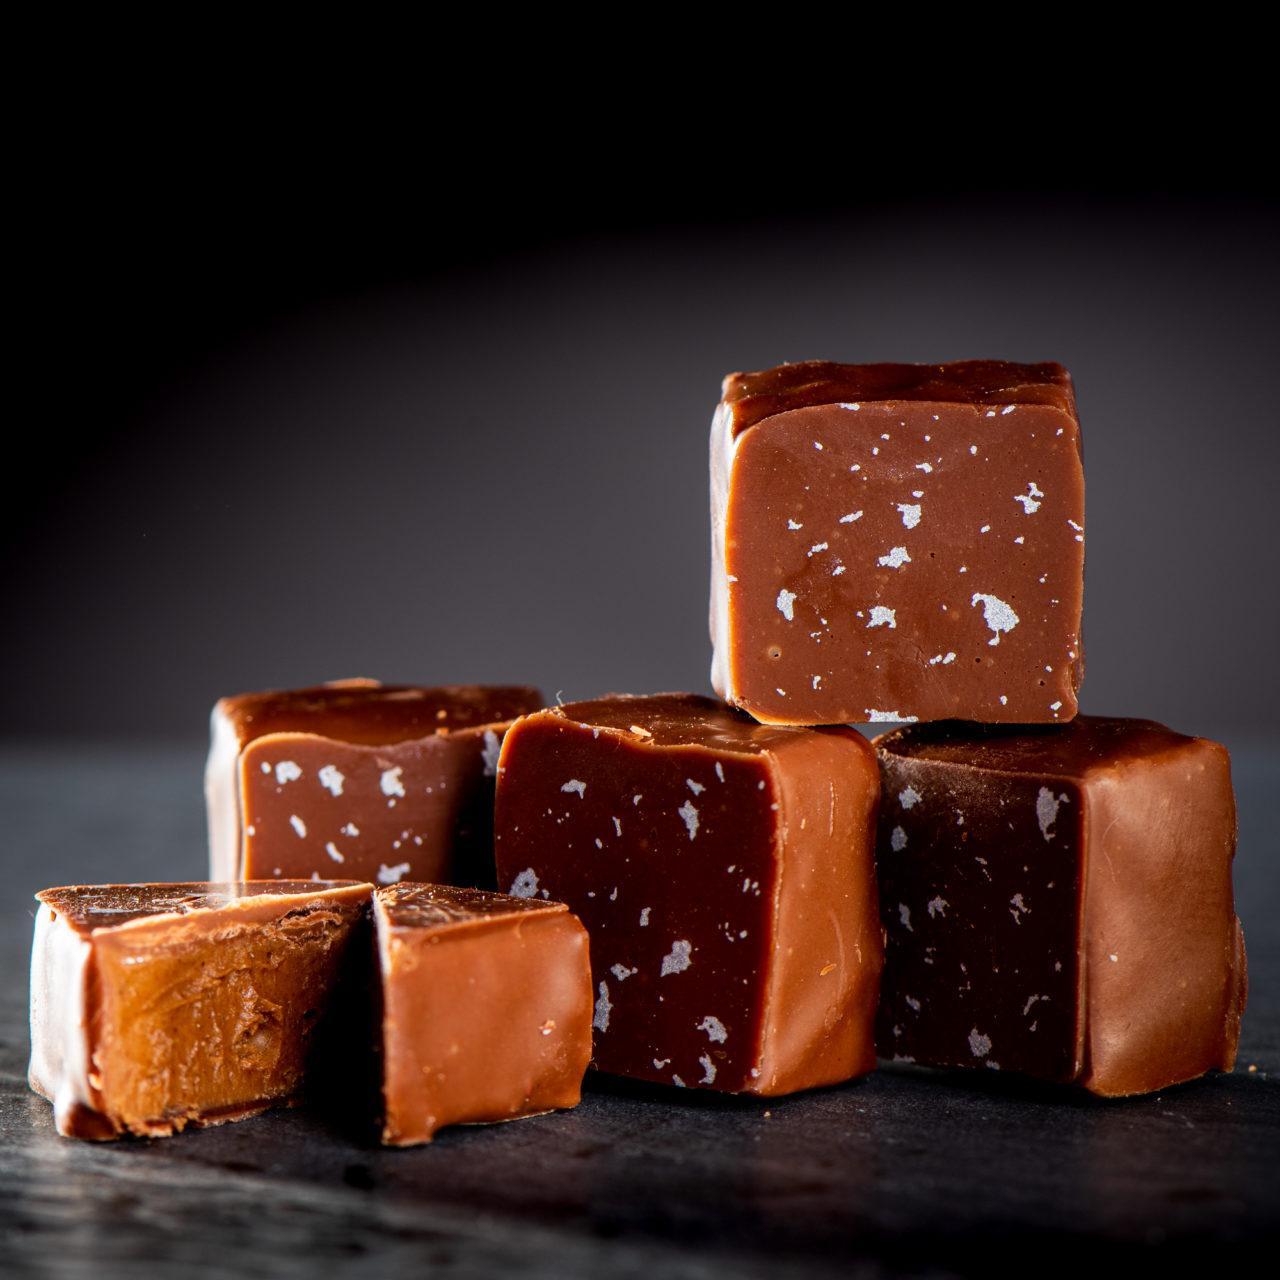 chocolat noir praliné sarrasin